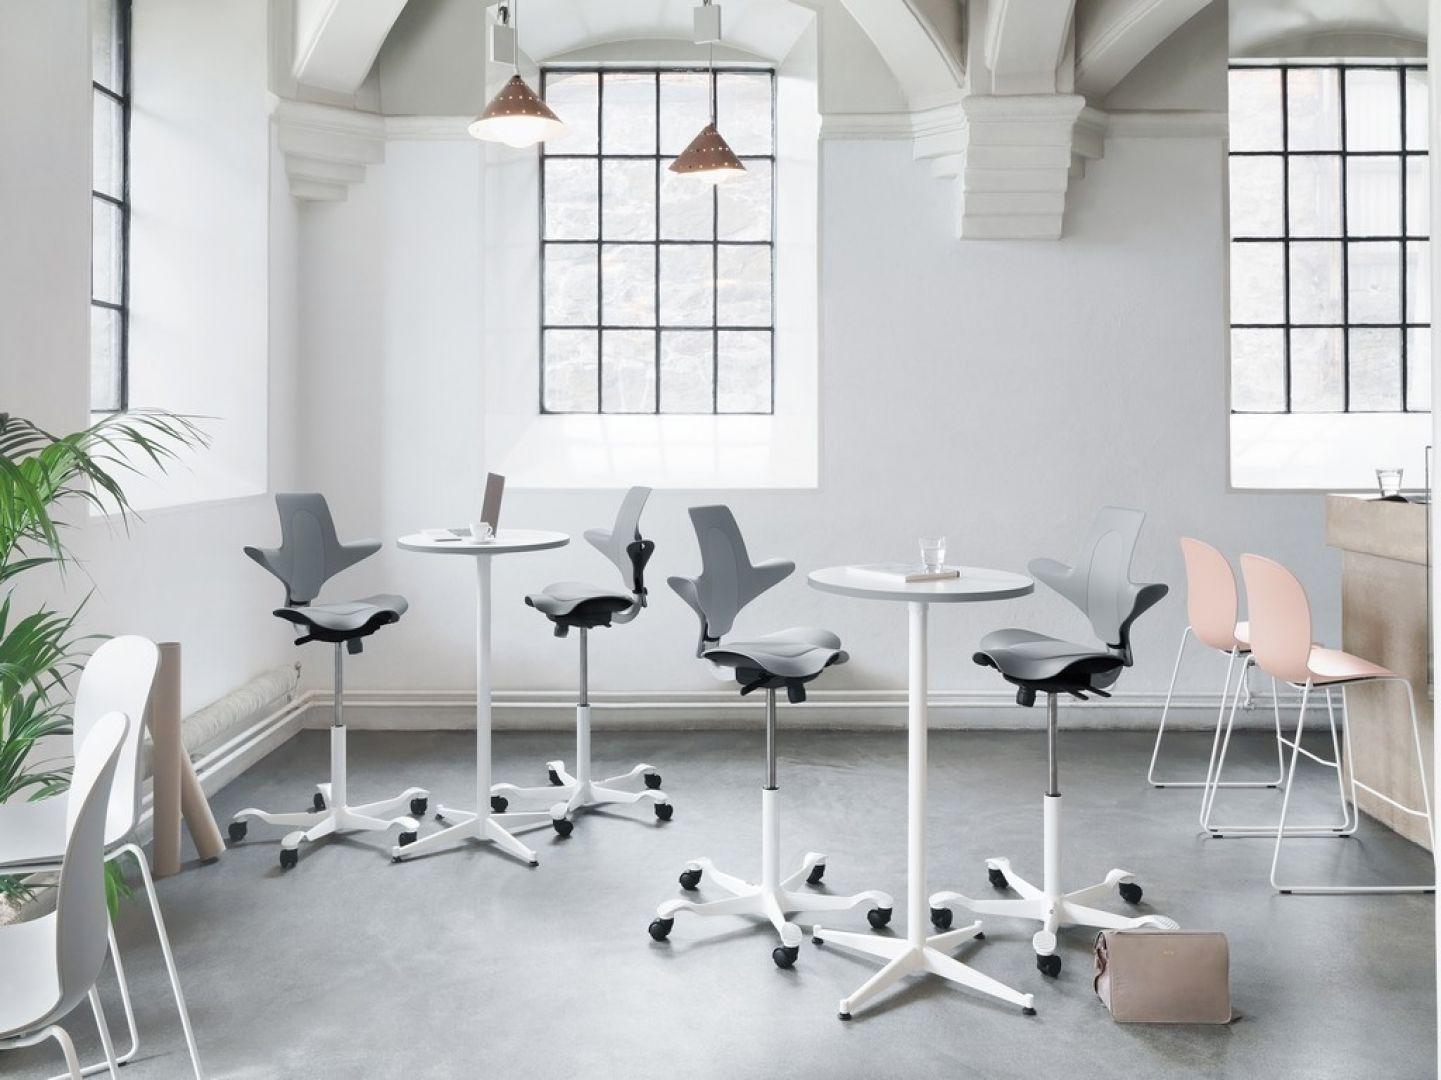 Krzesło HÅG Capisco Puls, w którym kubełek pochodzi z plastiku z recyklingu. Fot. Flokk Polska